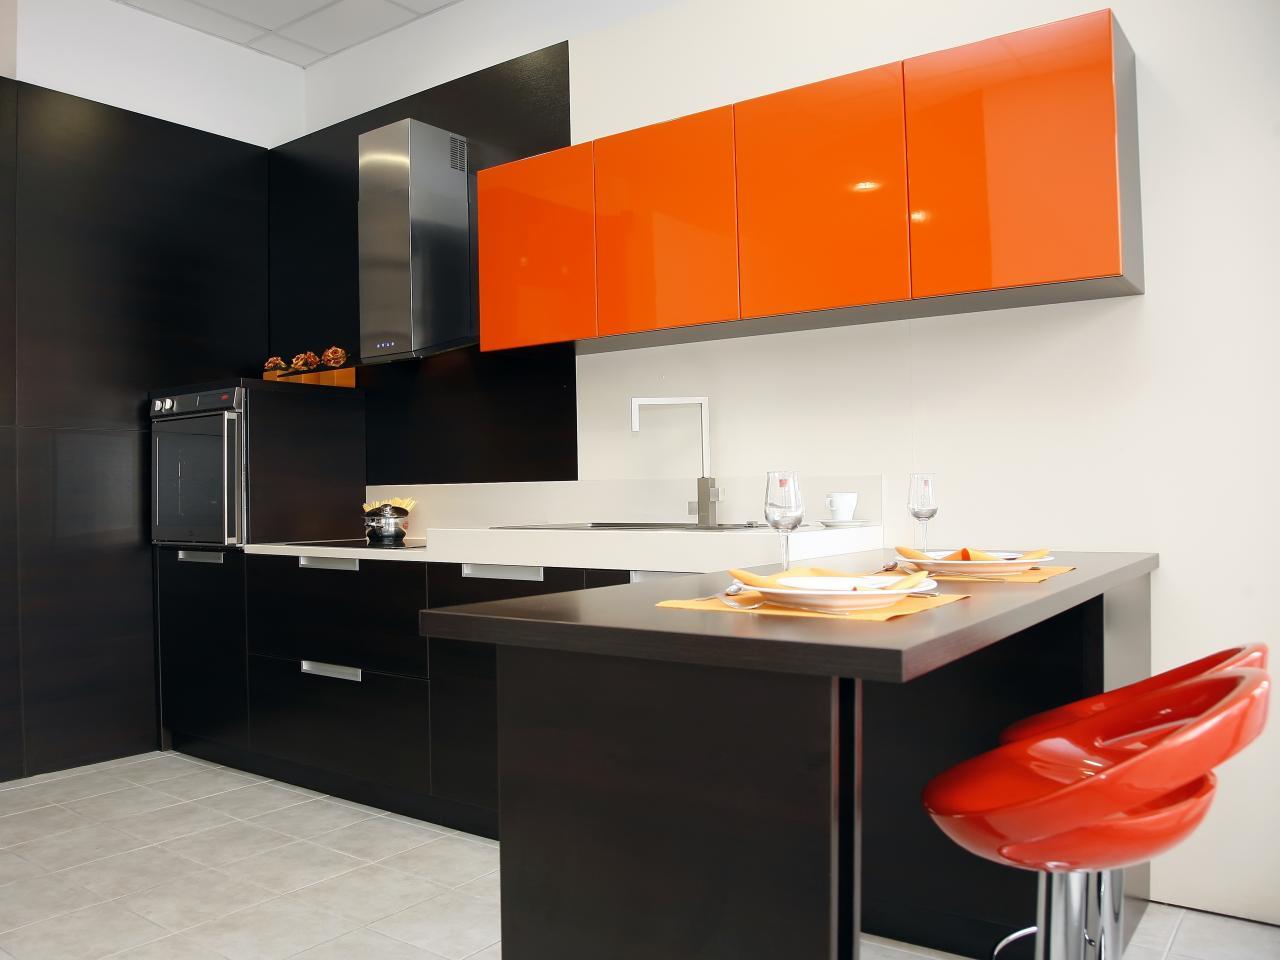 сочетание оранжевого цвета в интерьере кухни